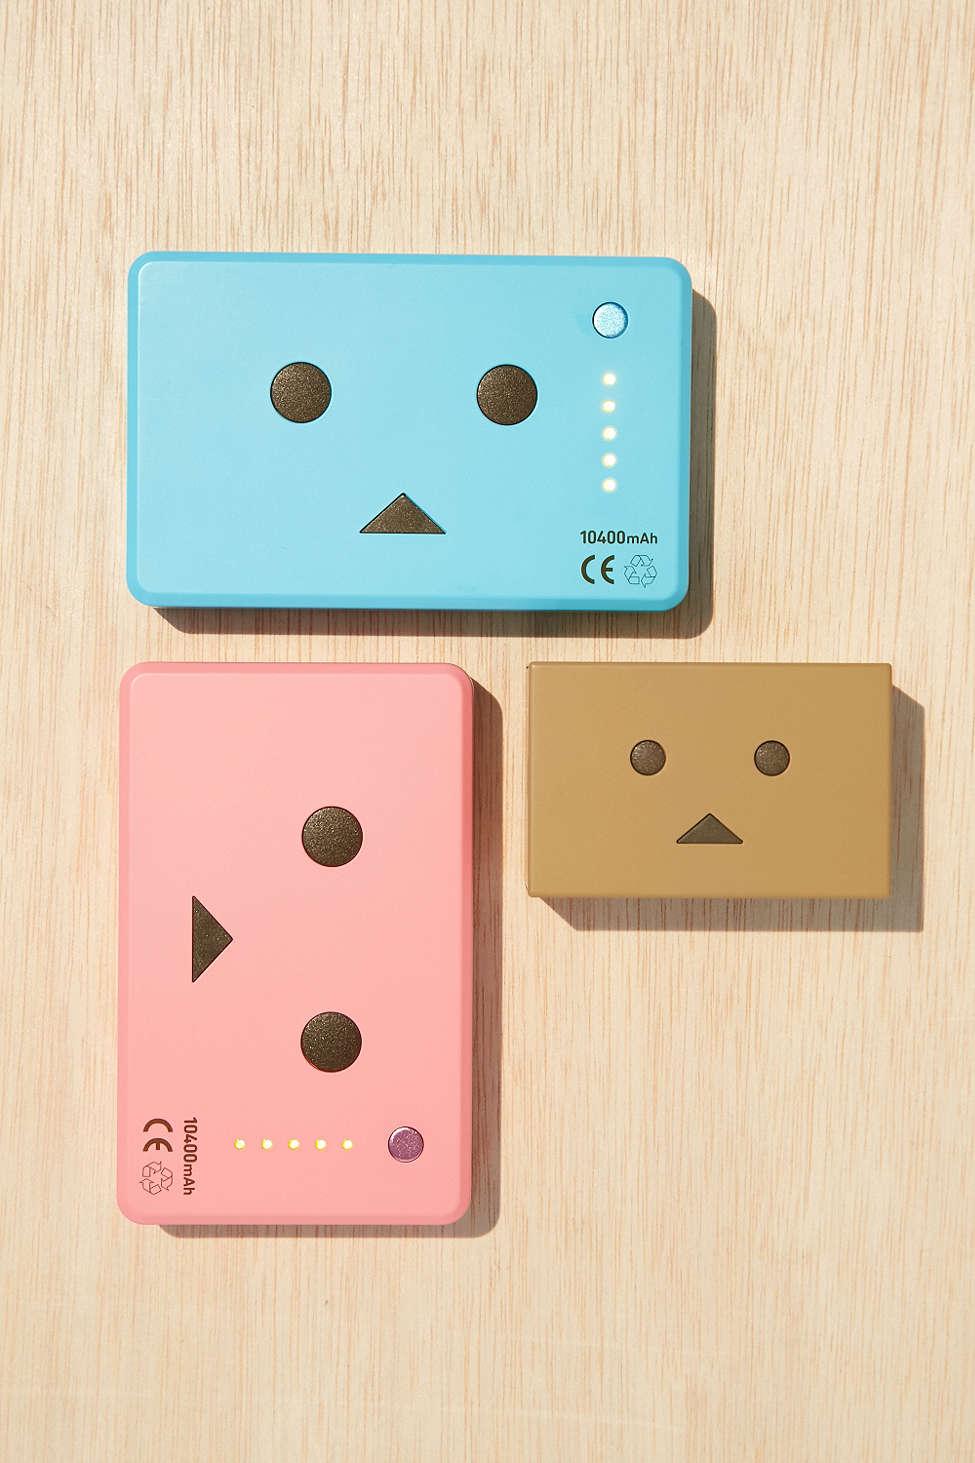 可愛的行動電源放在桌上看著看著心情也會愉快起來~